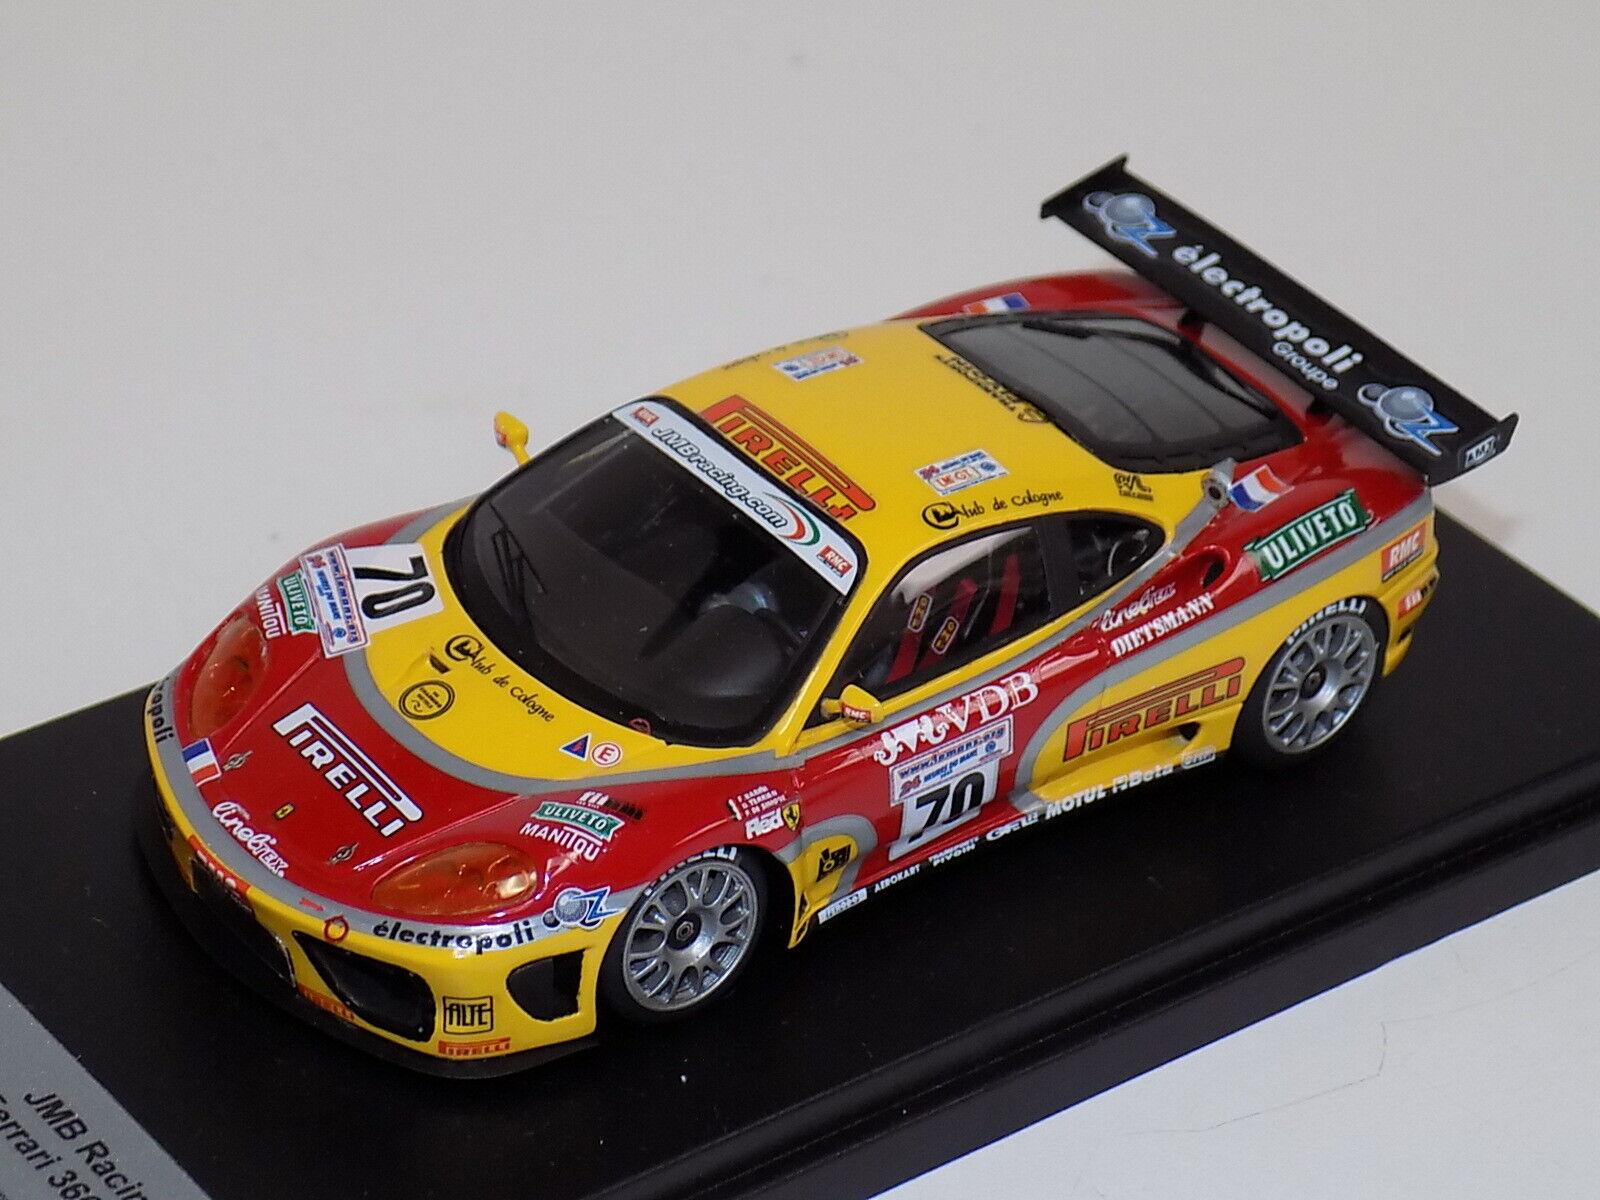 1 43 AB Models Ferrari 360 GT  JMB Racing  70 2003 LeMans  GP009